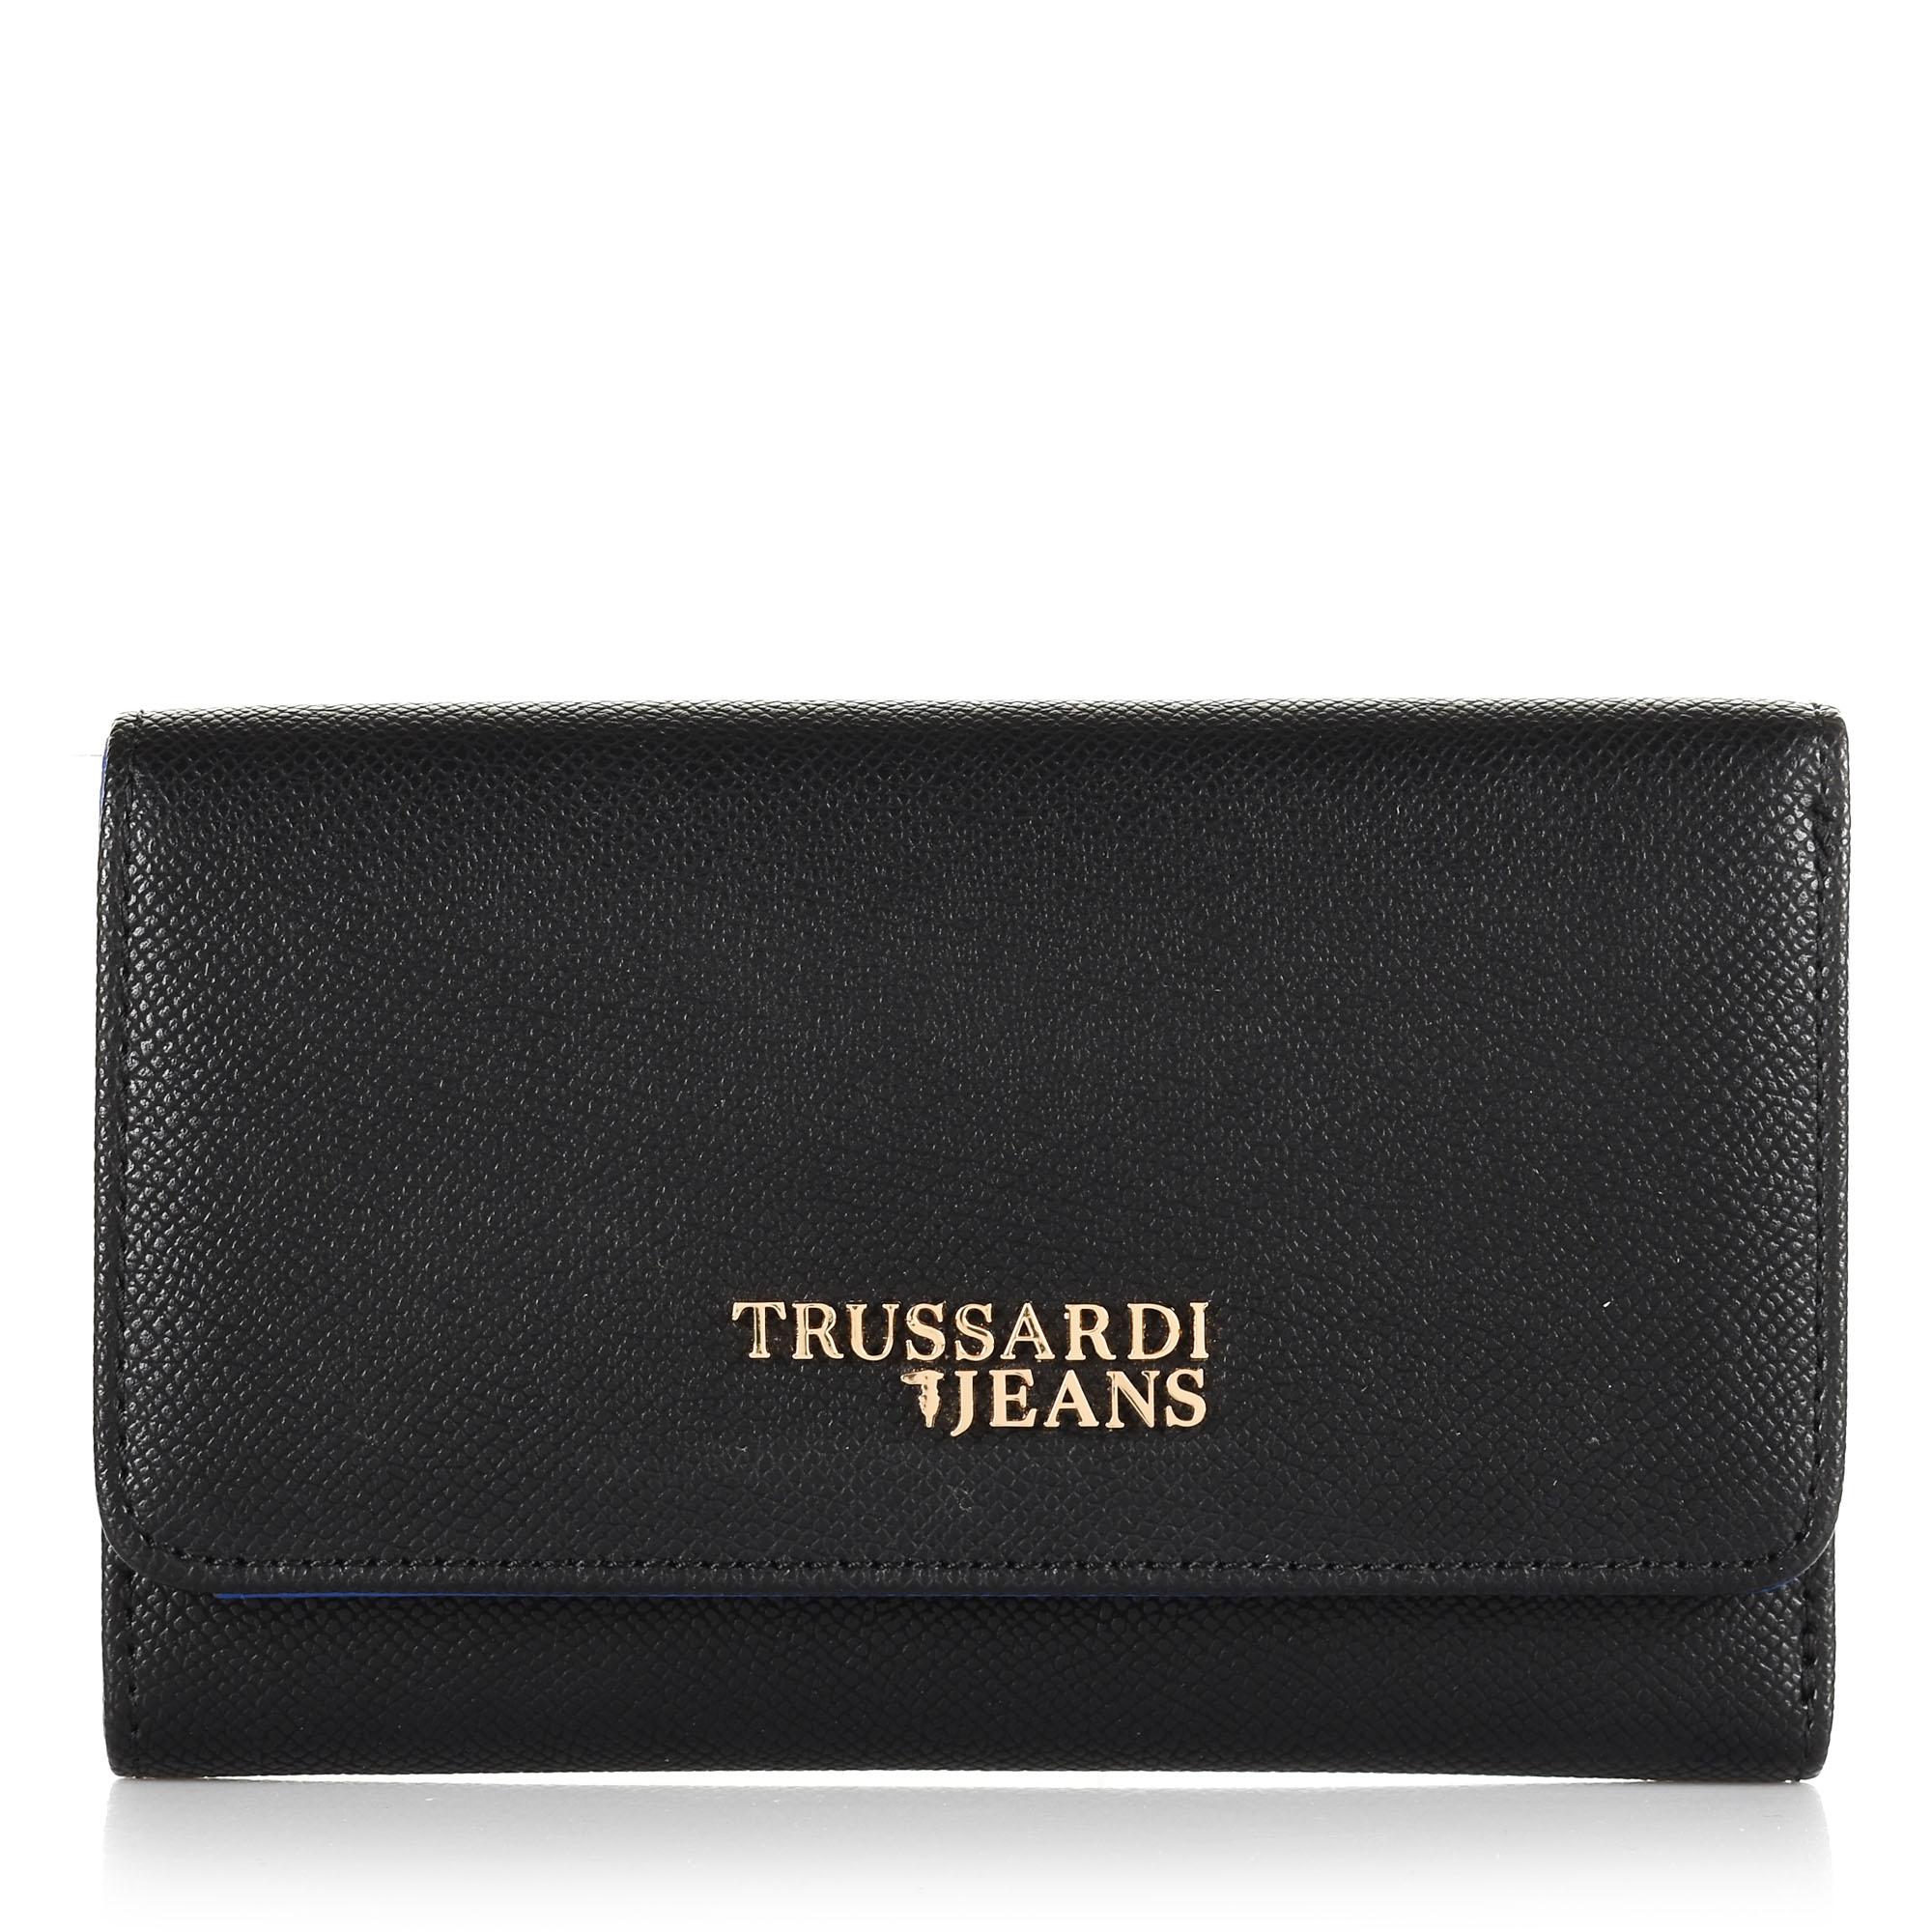 Πορτοφόλι Trussardi Jeans T Easy Light BI Fold LG 75W00148